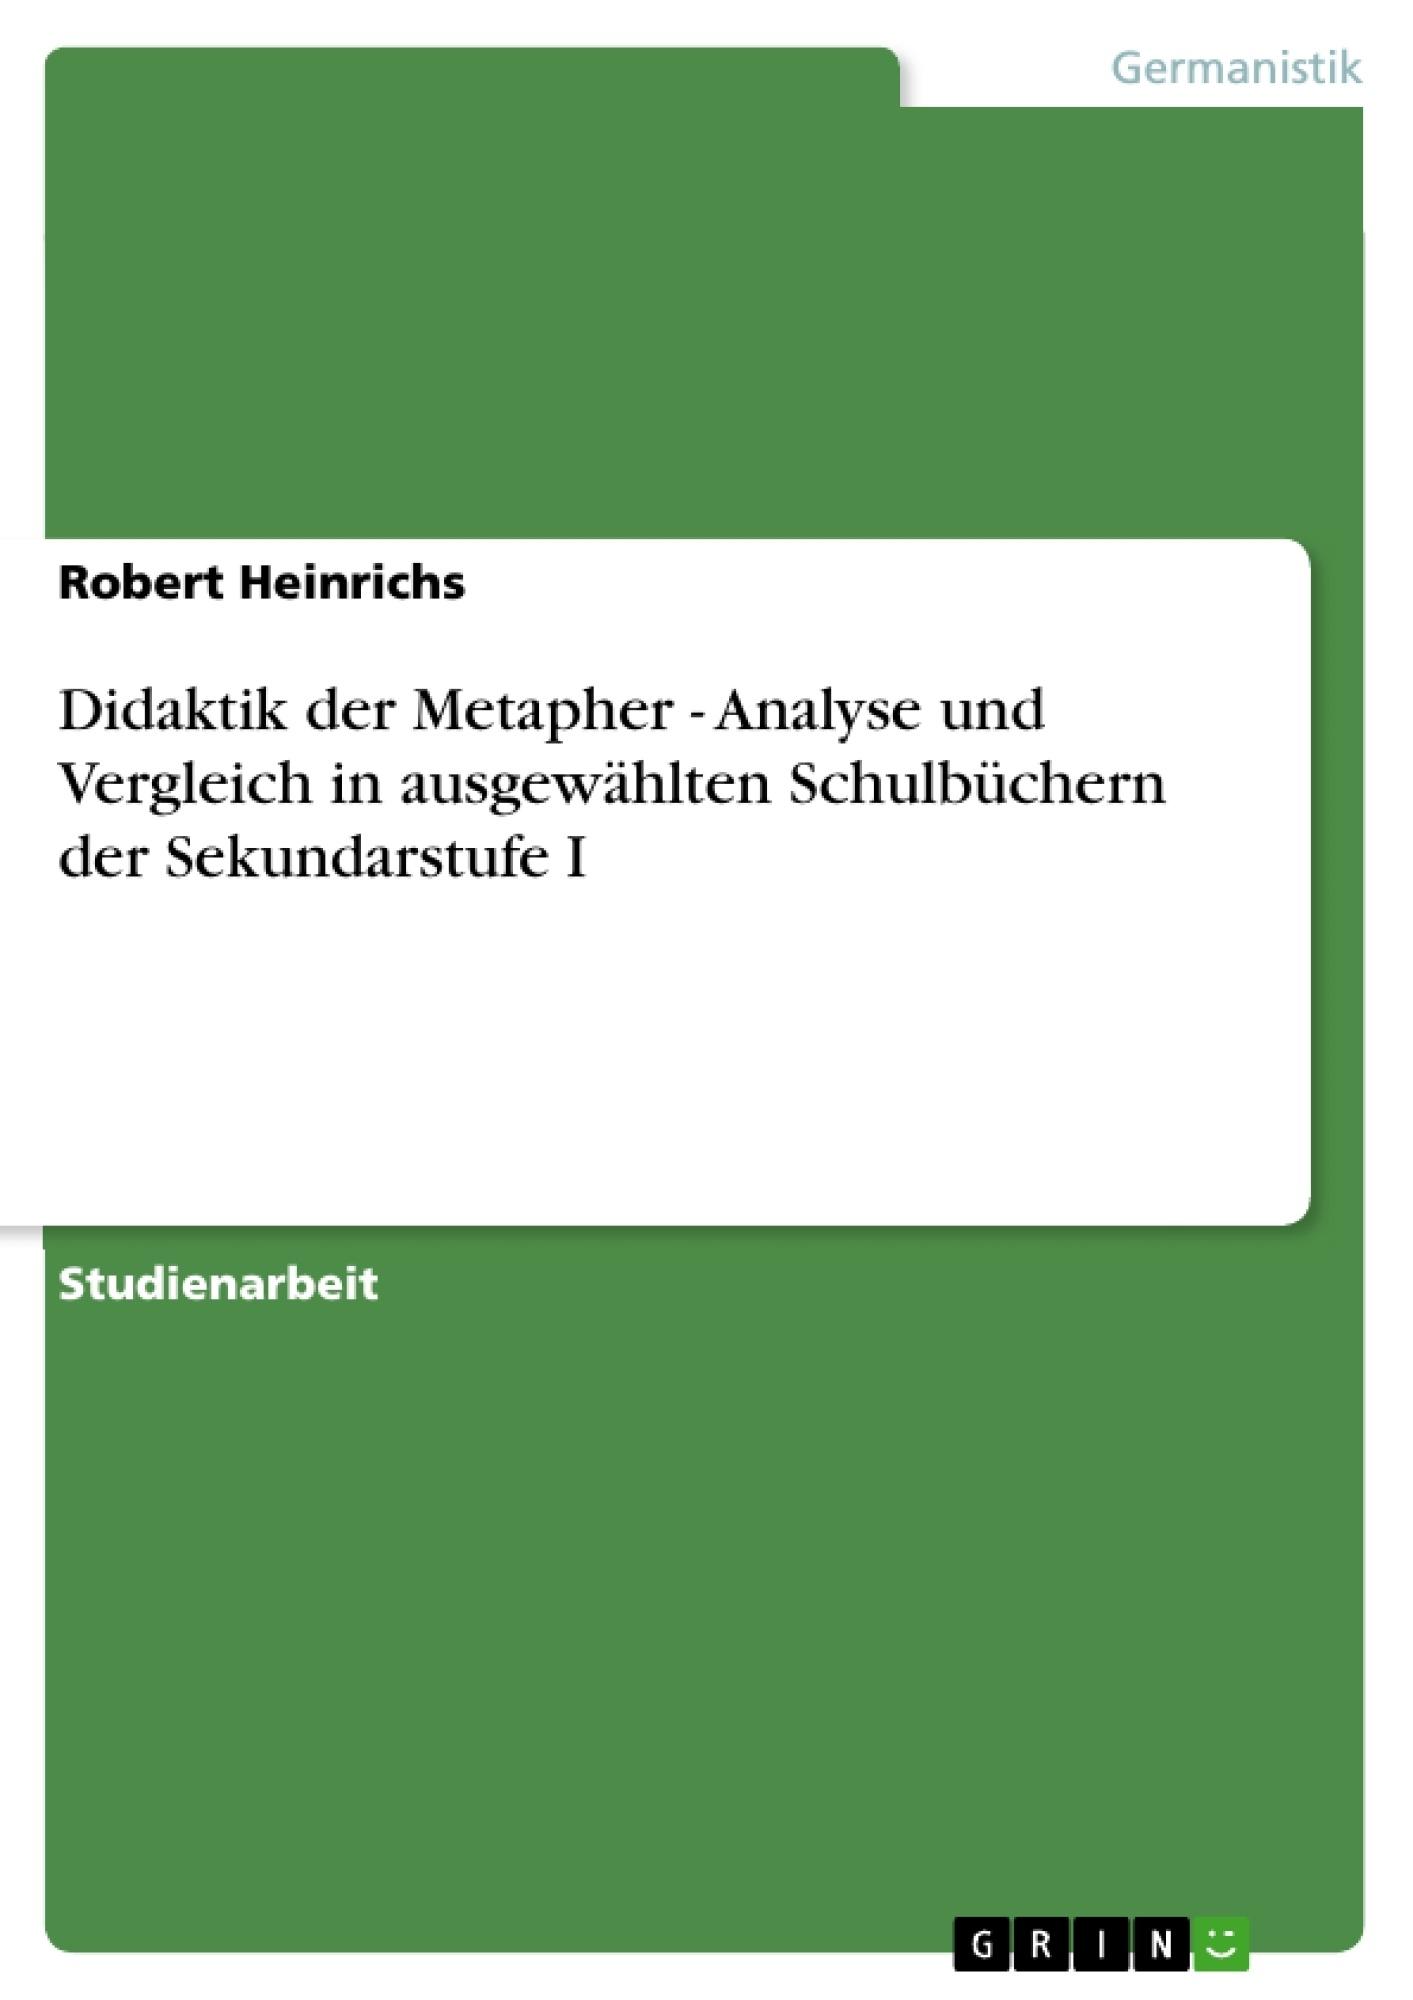 Titel: Didaktik der Metapher - Analyse und Vergleich in  ausgewählten Schulbüchern der Sekundarstufe I